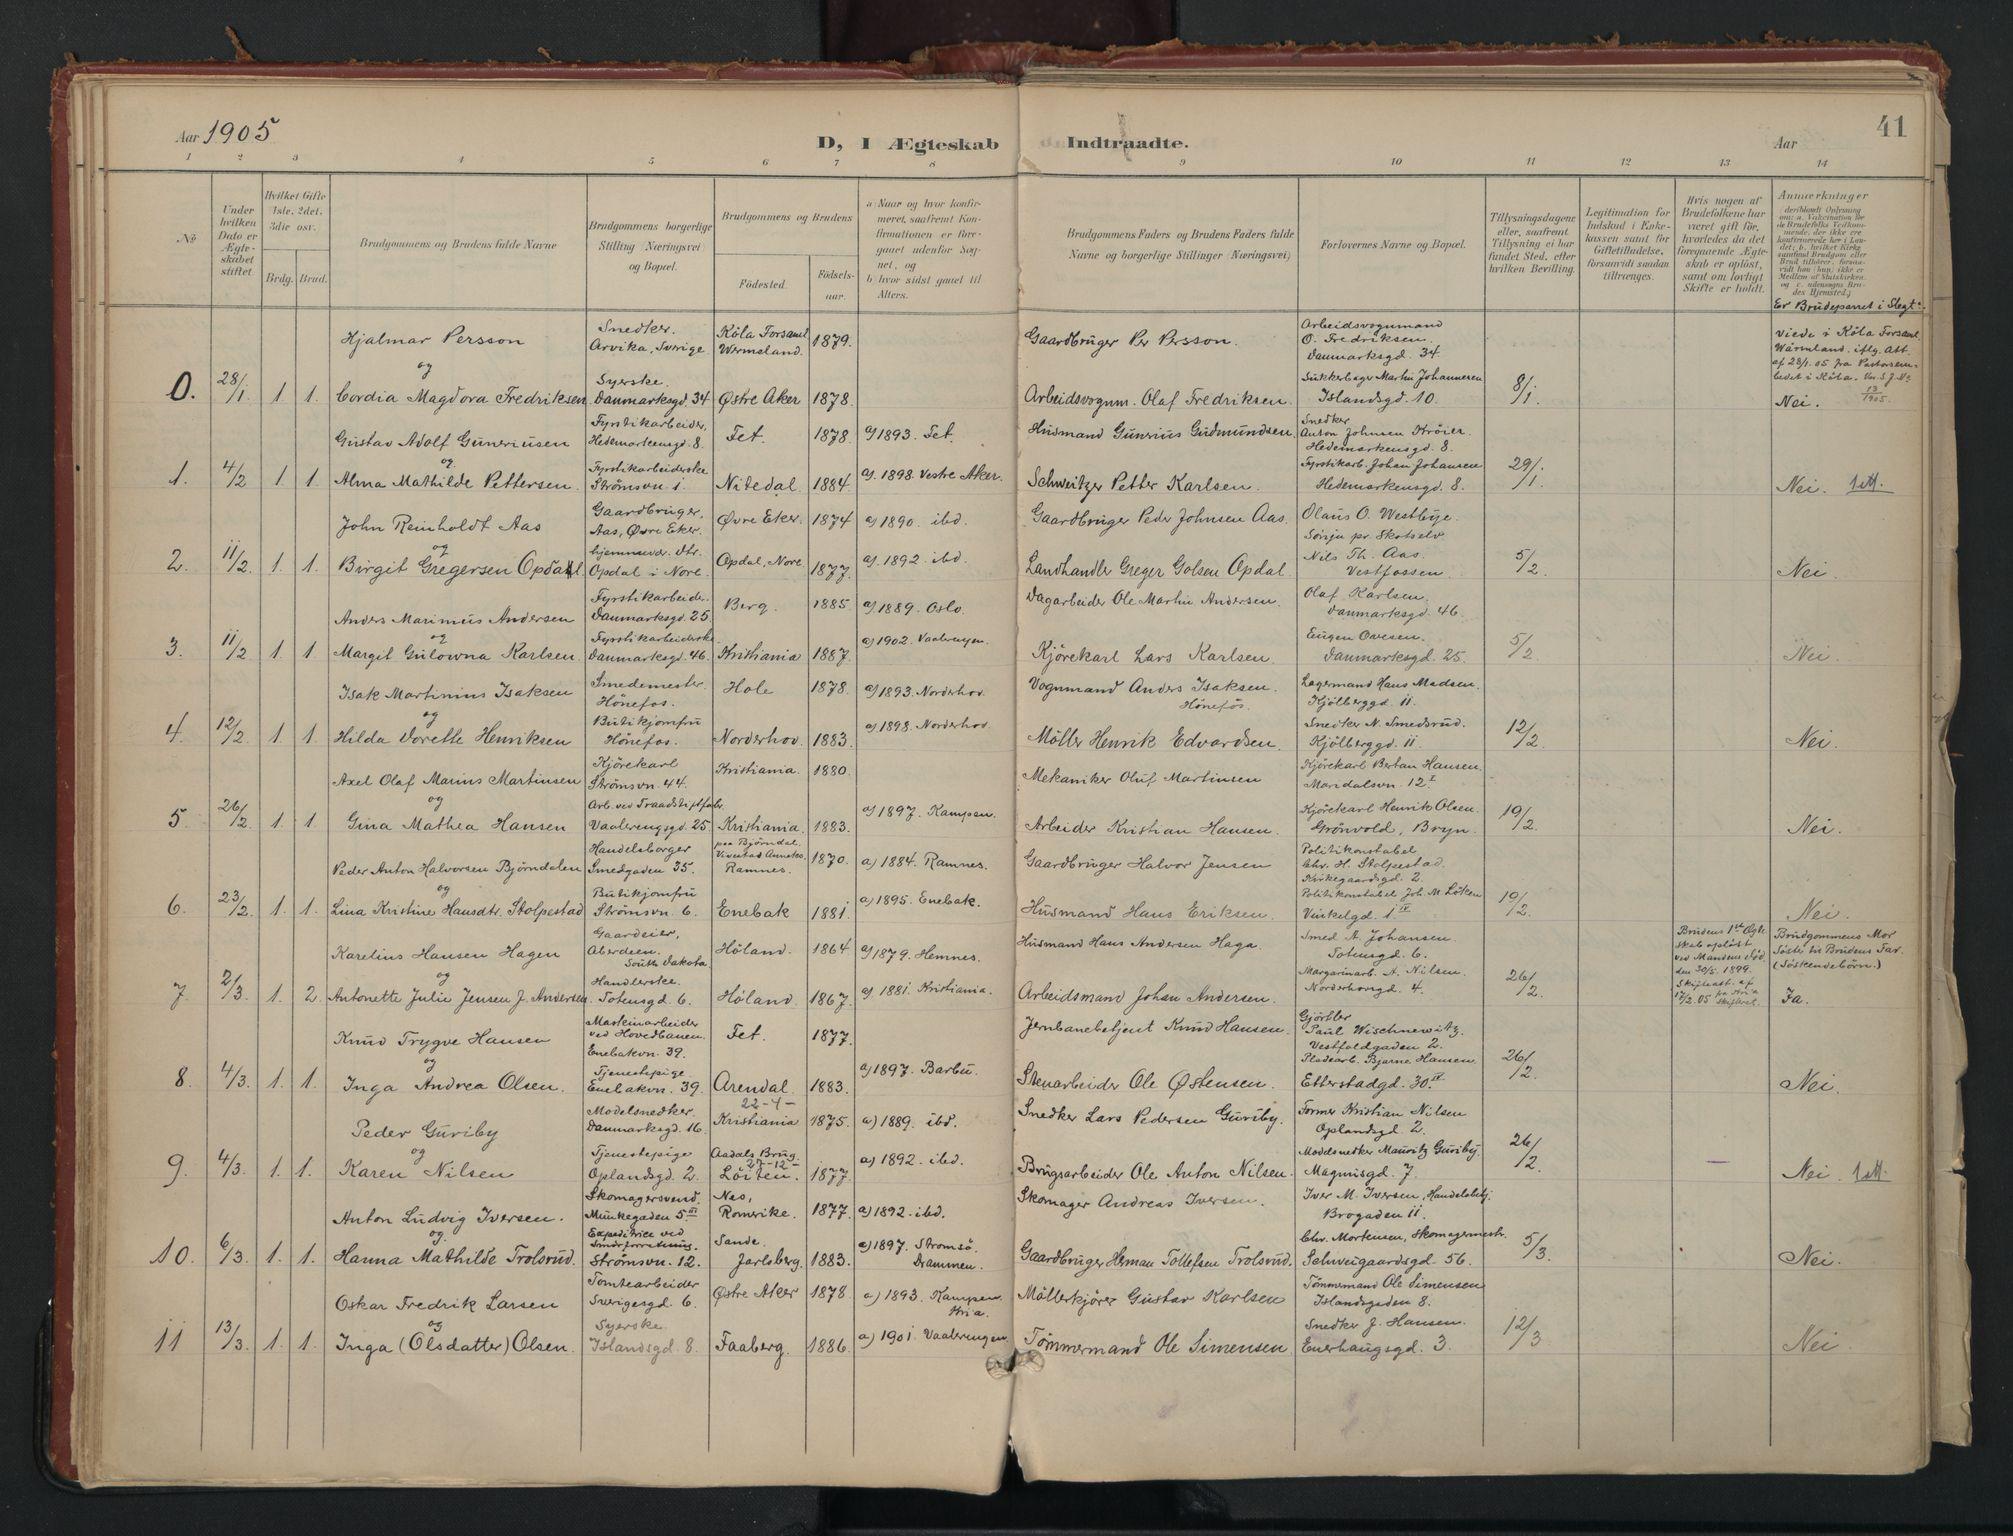 SAO, Vålerengen prestekontor Kirkebøker, F/Fa/L0002: Ministerialbok nr. 2, 1899-1924, s. 41